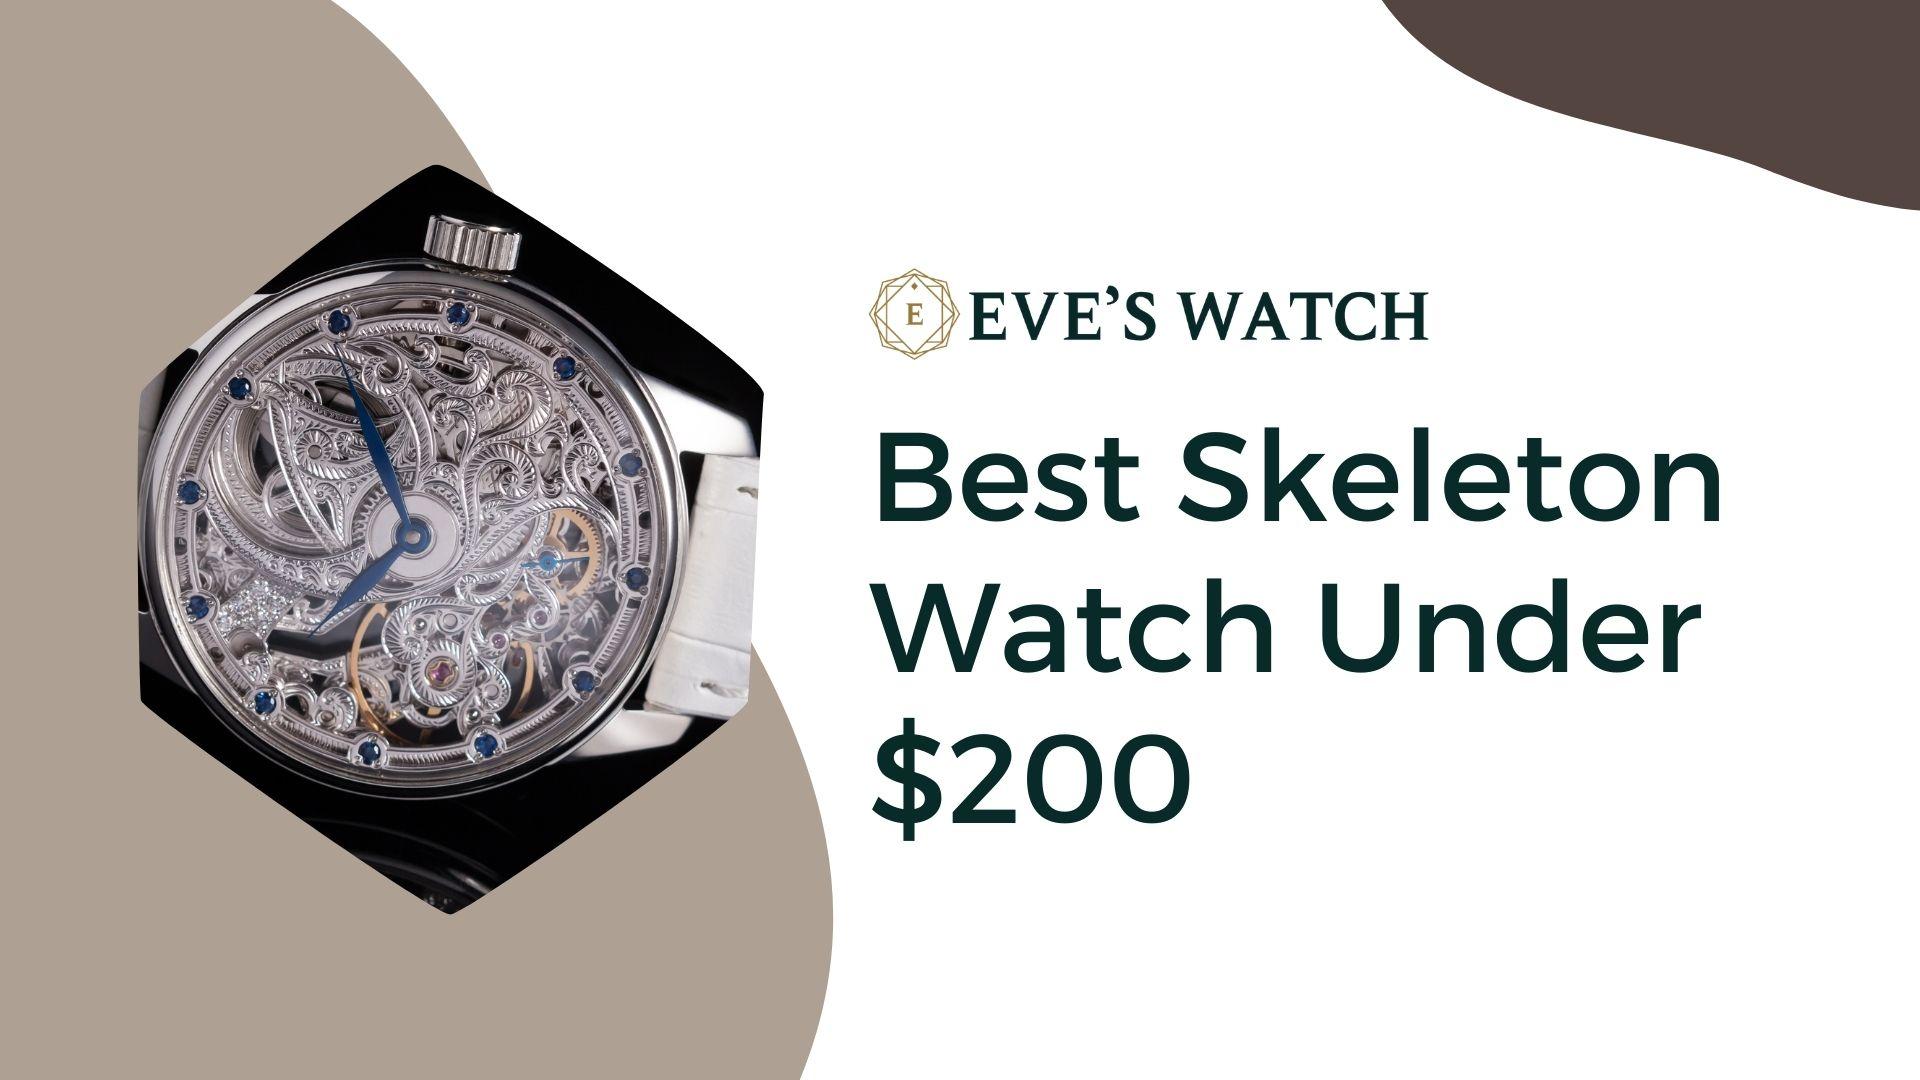 Best Skeleton Watch Under $200